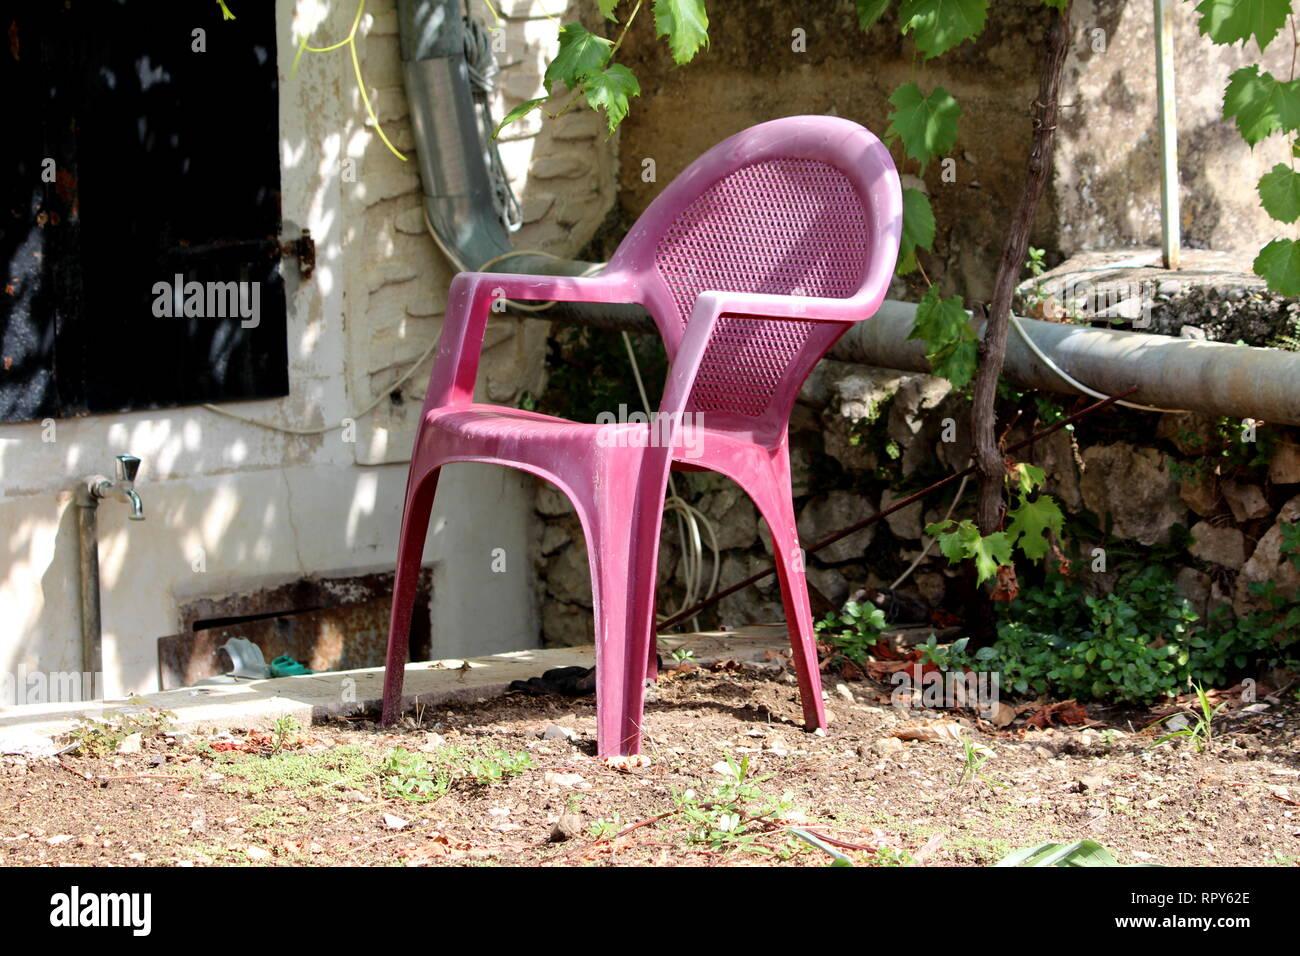 chaise entouré Jardin plastique foncé avec de en rose 1clKJTF